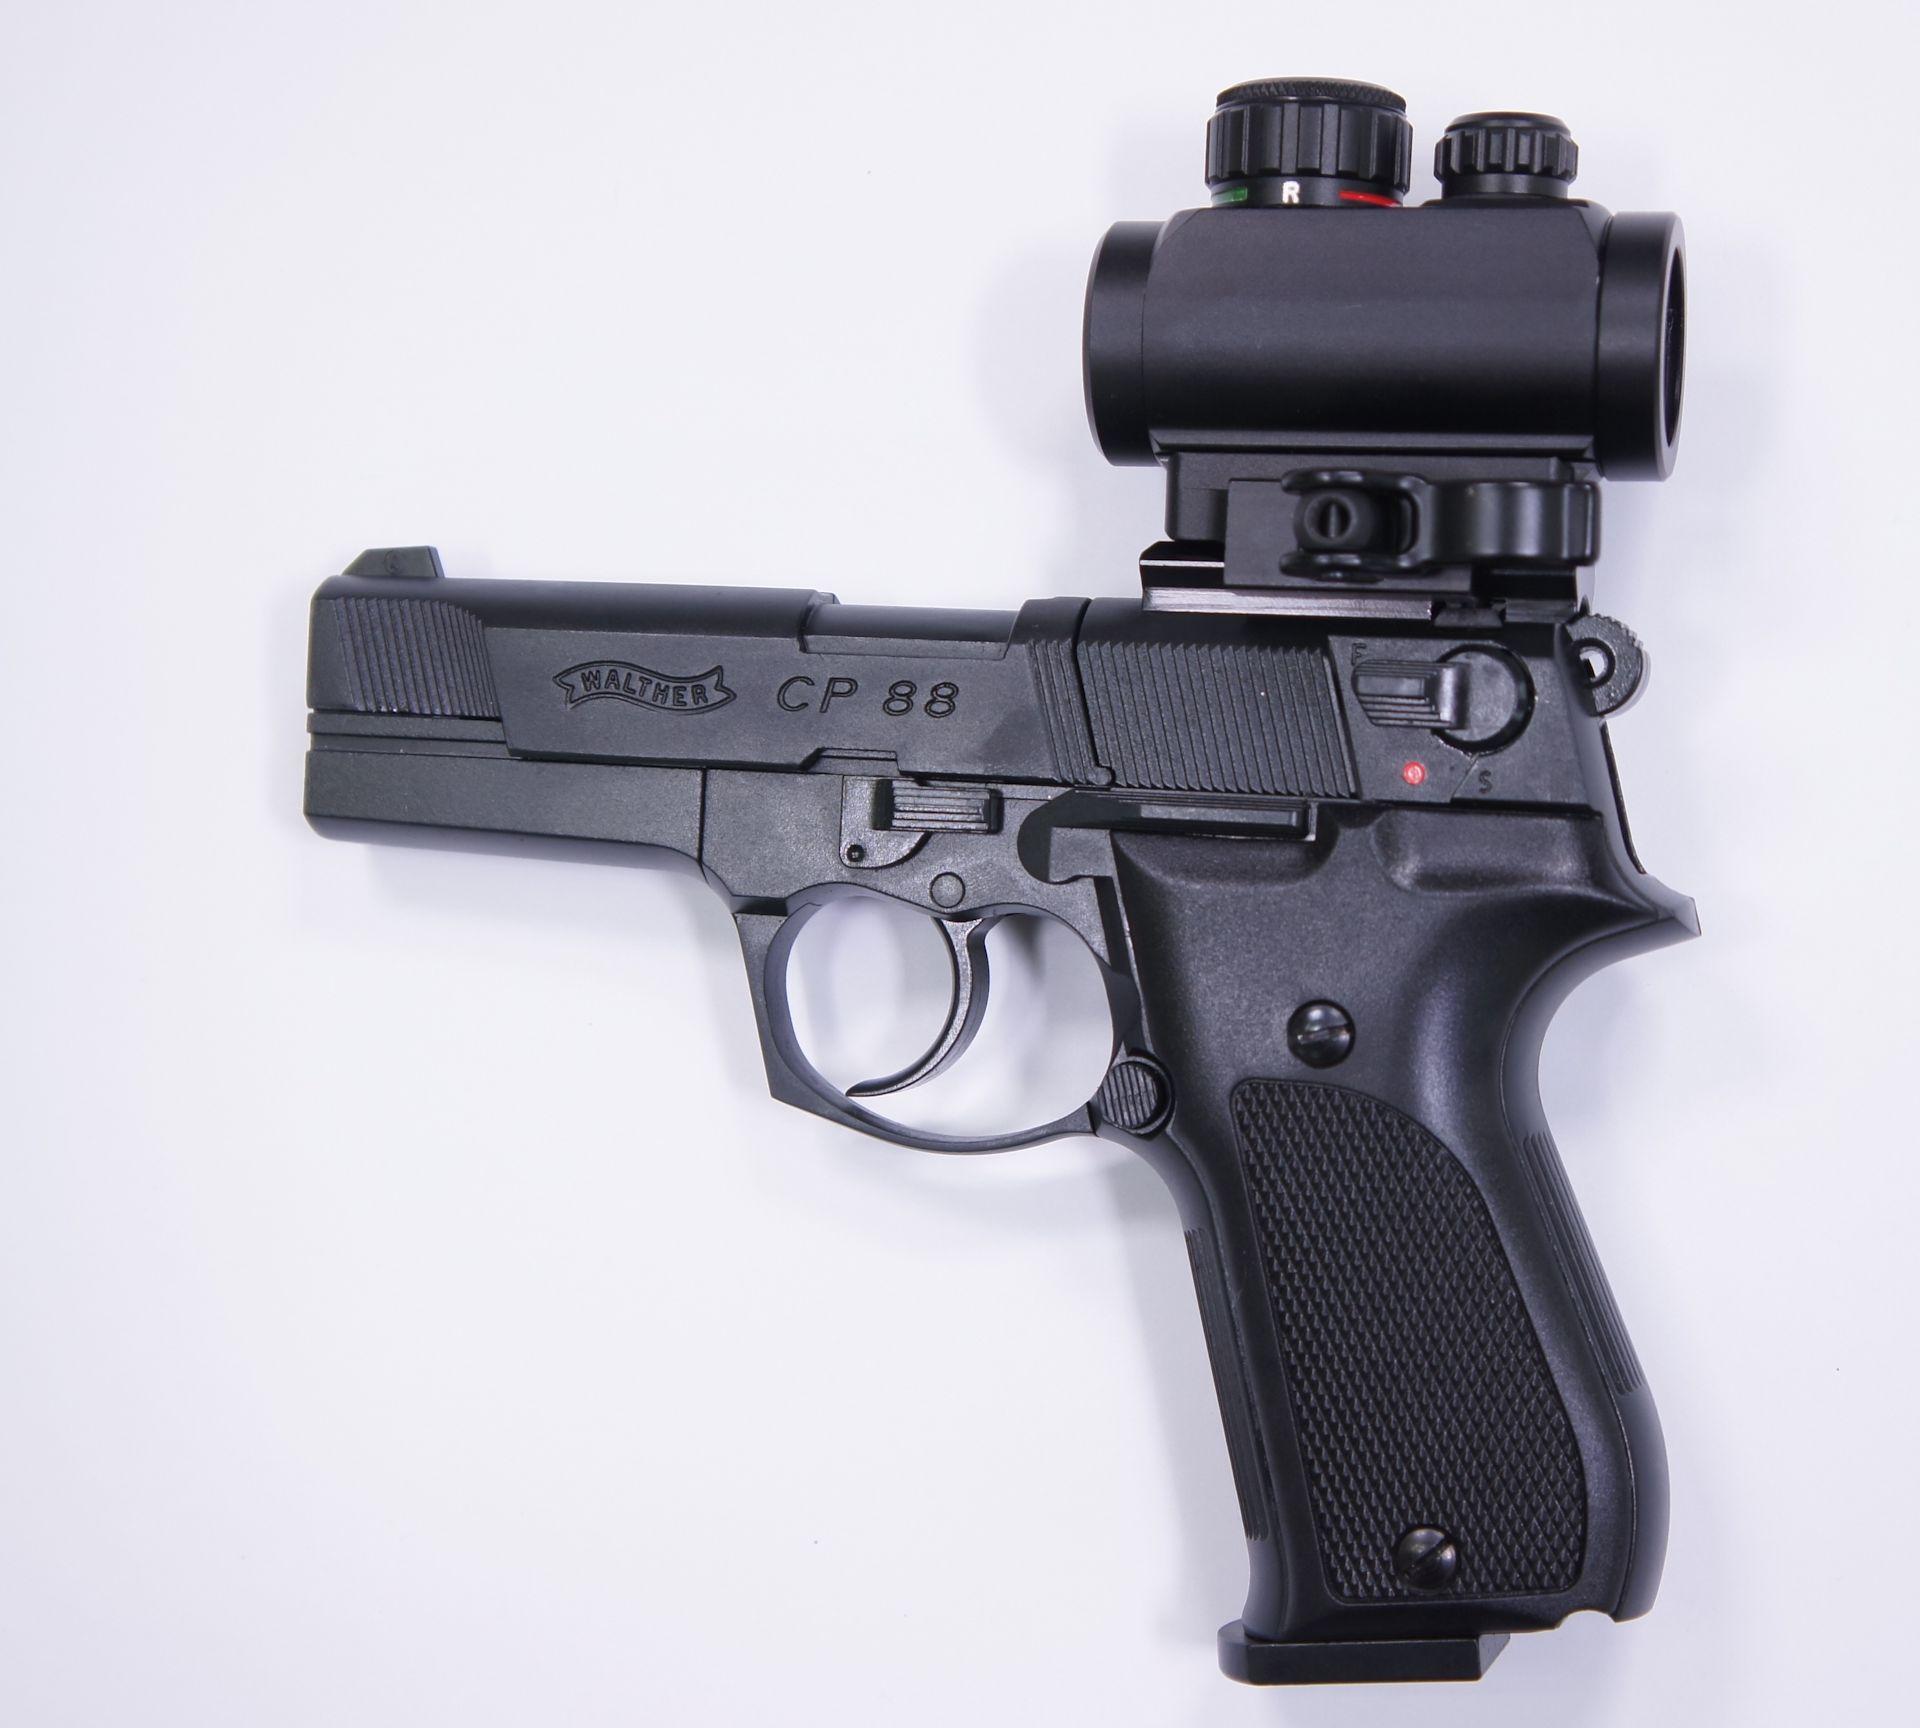 Montagebeispiel auf  <a href=1050061.htm> CO2 Pistole Walther CP88 schwarz, 4 Zoll</a>  mit <a href=1130221.htm> Leuchtpunktvisier UTG </a>